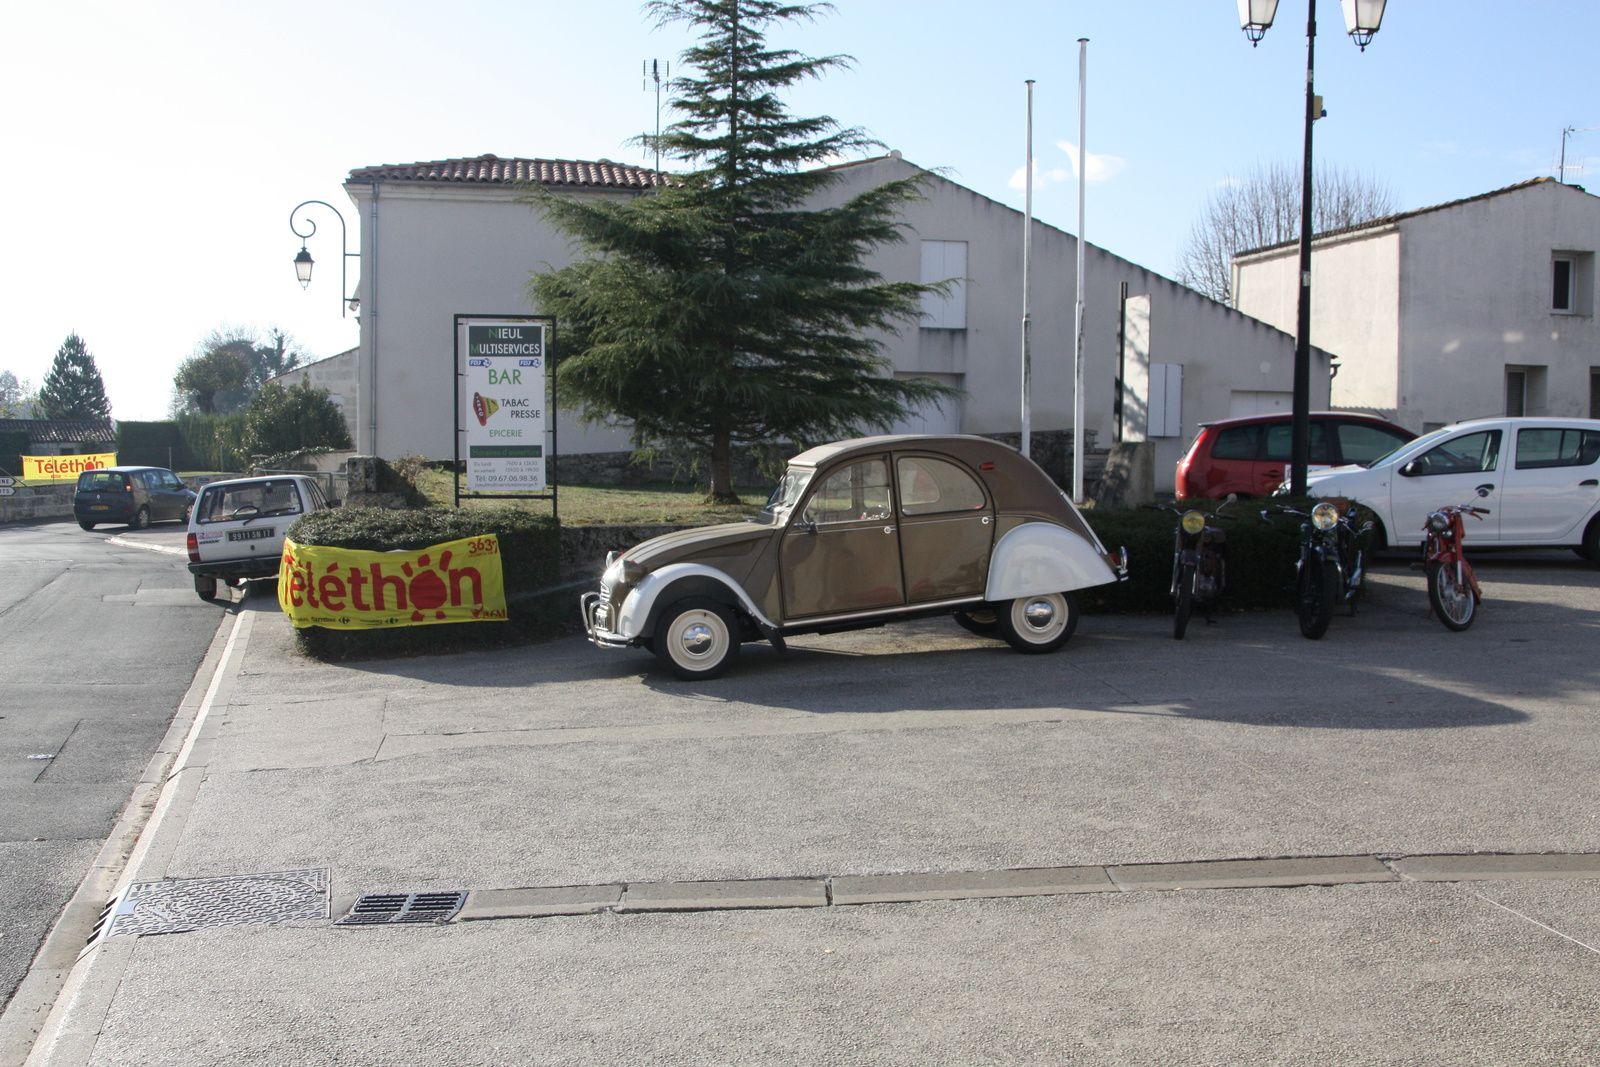 Vente  de crépes, exposition  de  vieilles voitures/motos  et  divers